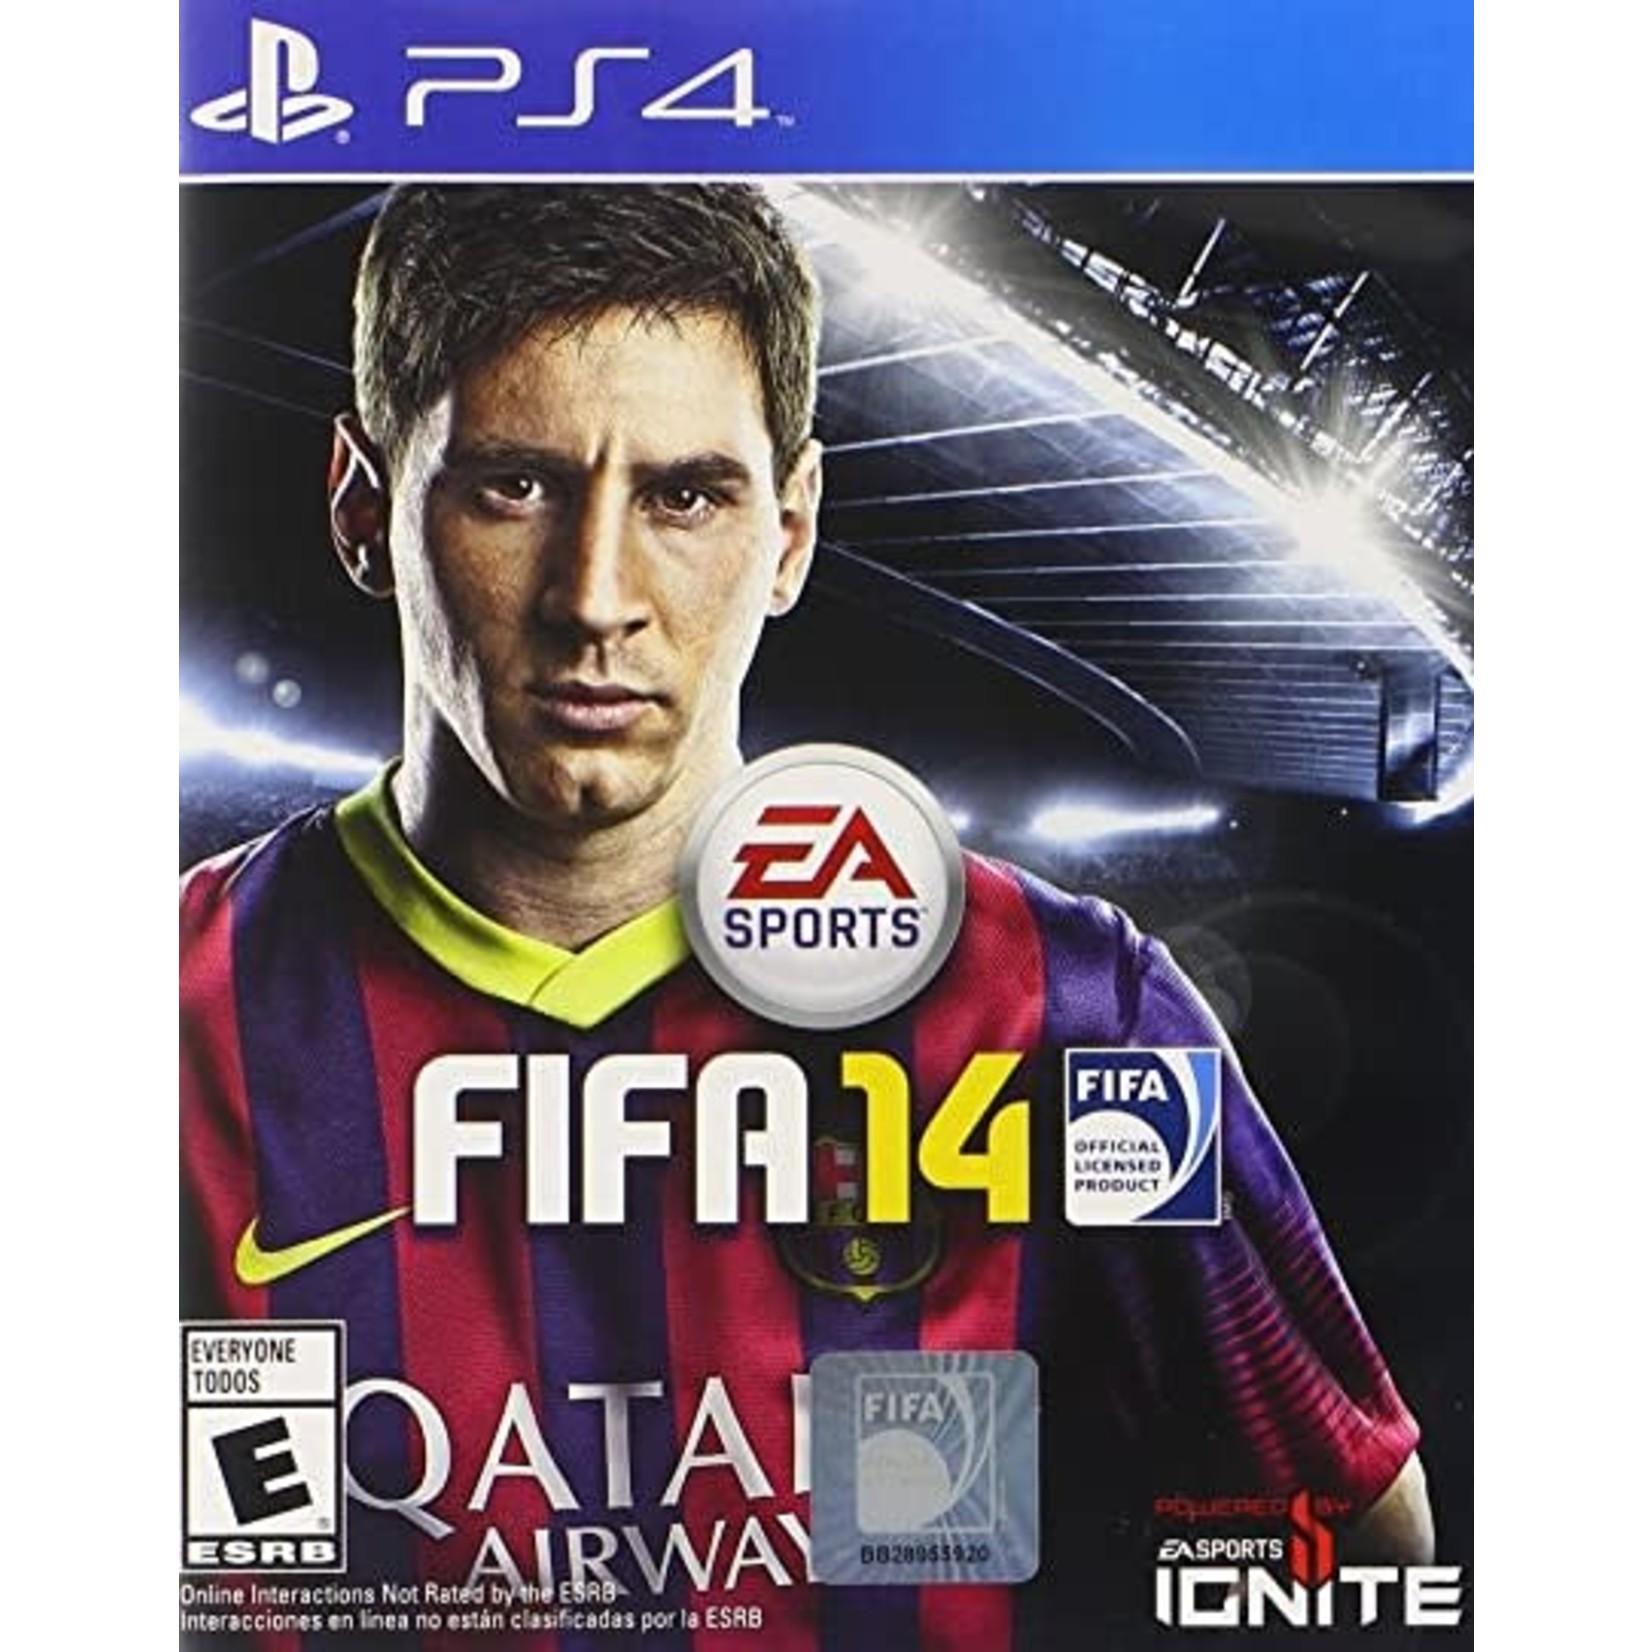 PS4U-FIFA 14